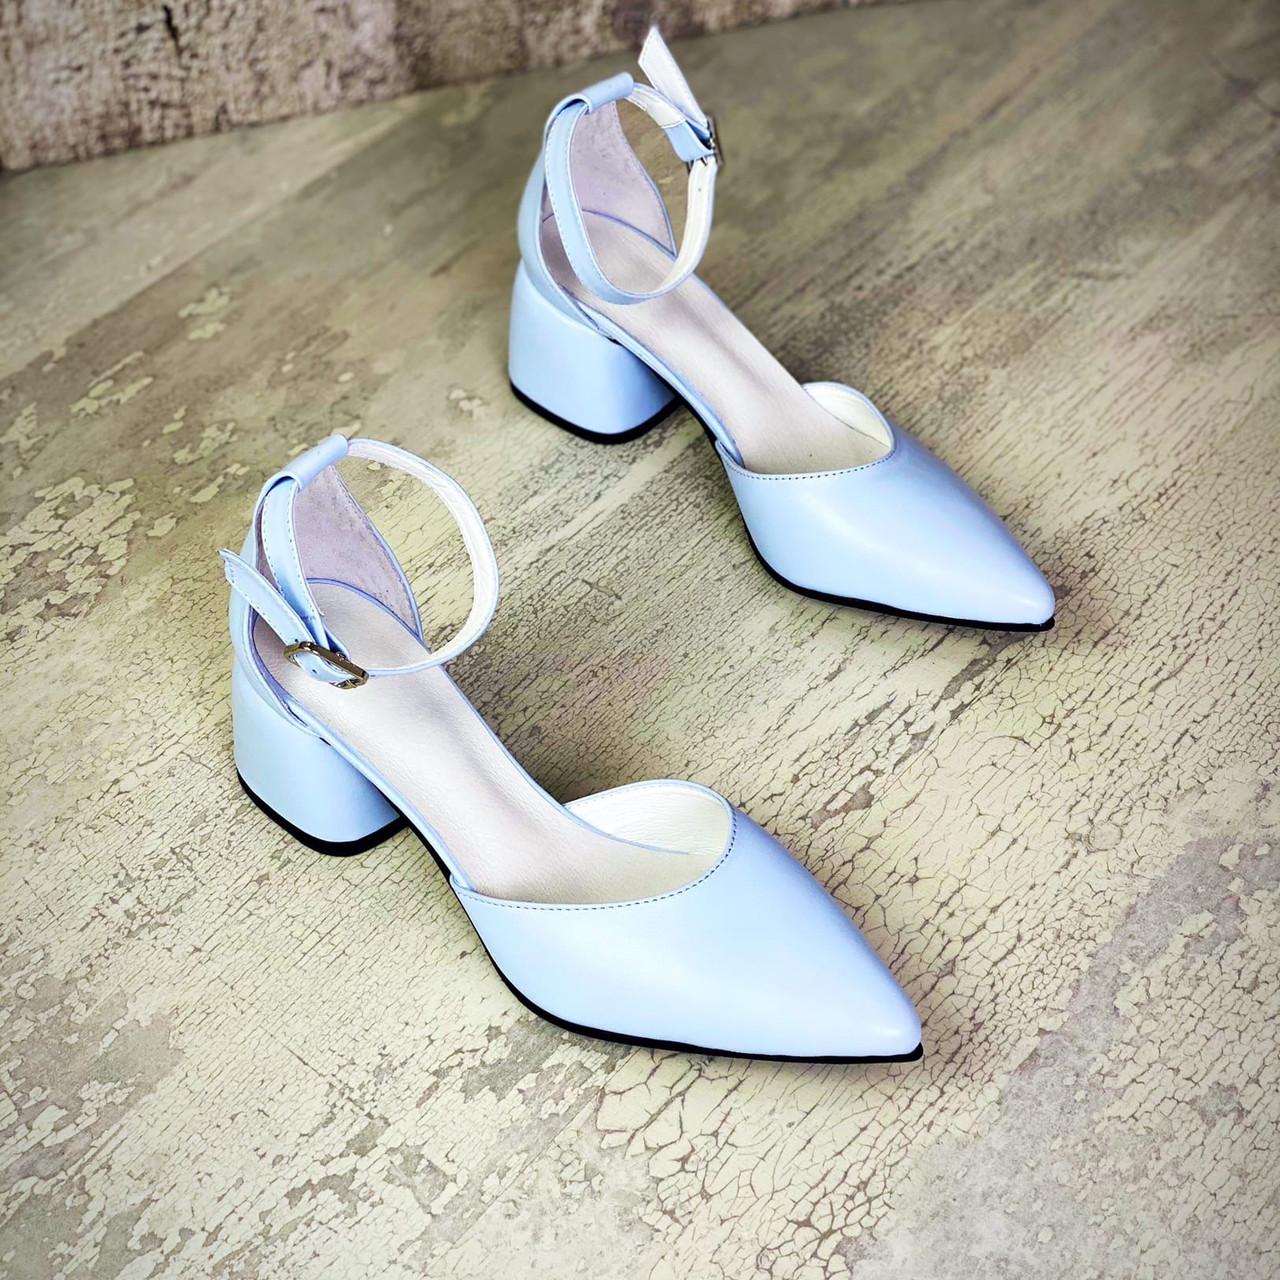 Жіночі шкіряні туфлі на міні підборах 36-40 р блакитний